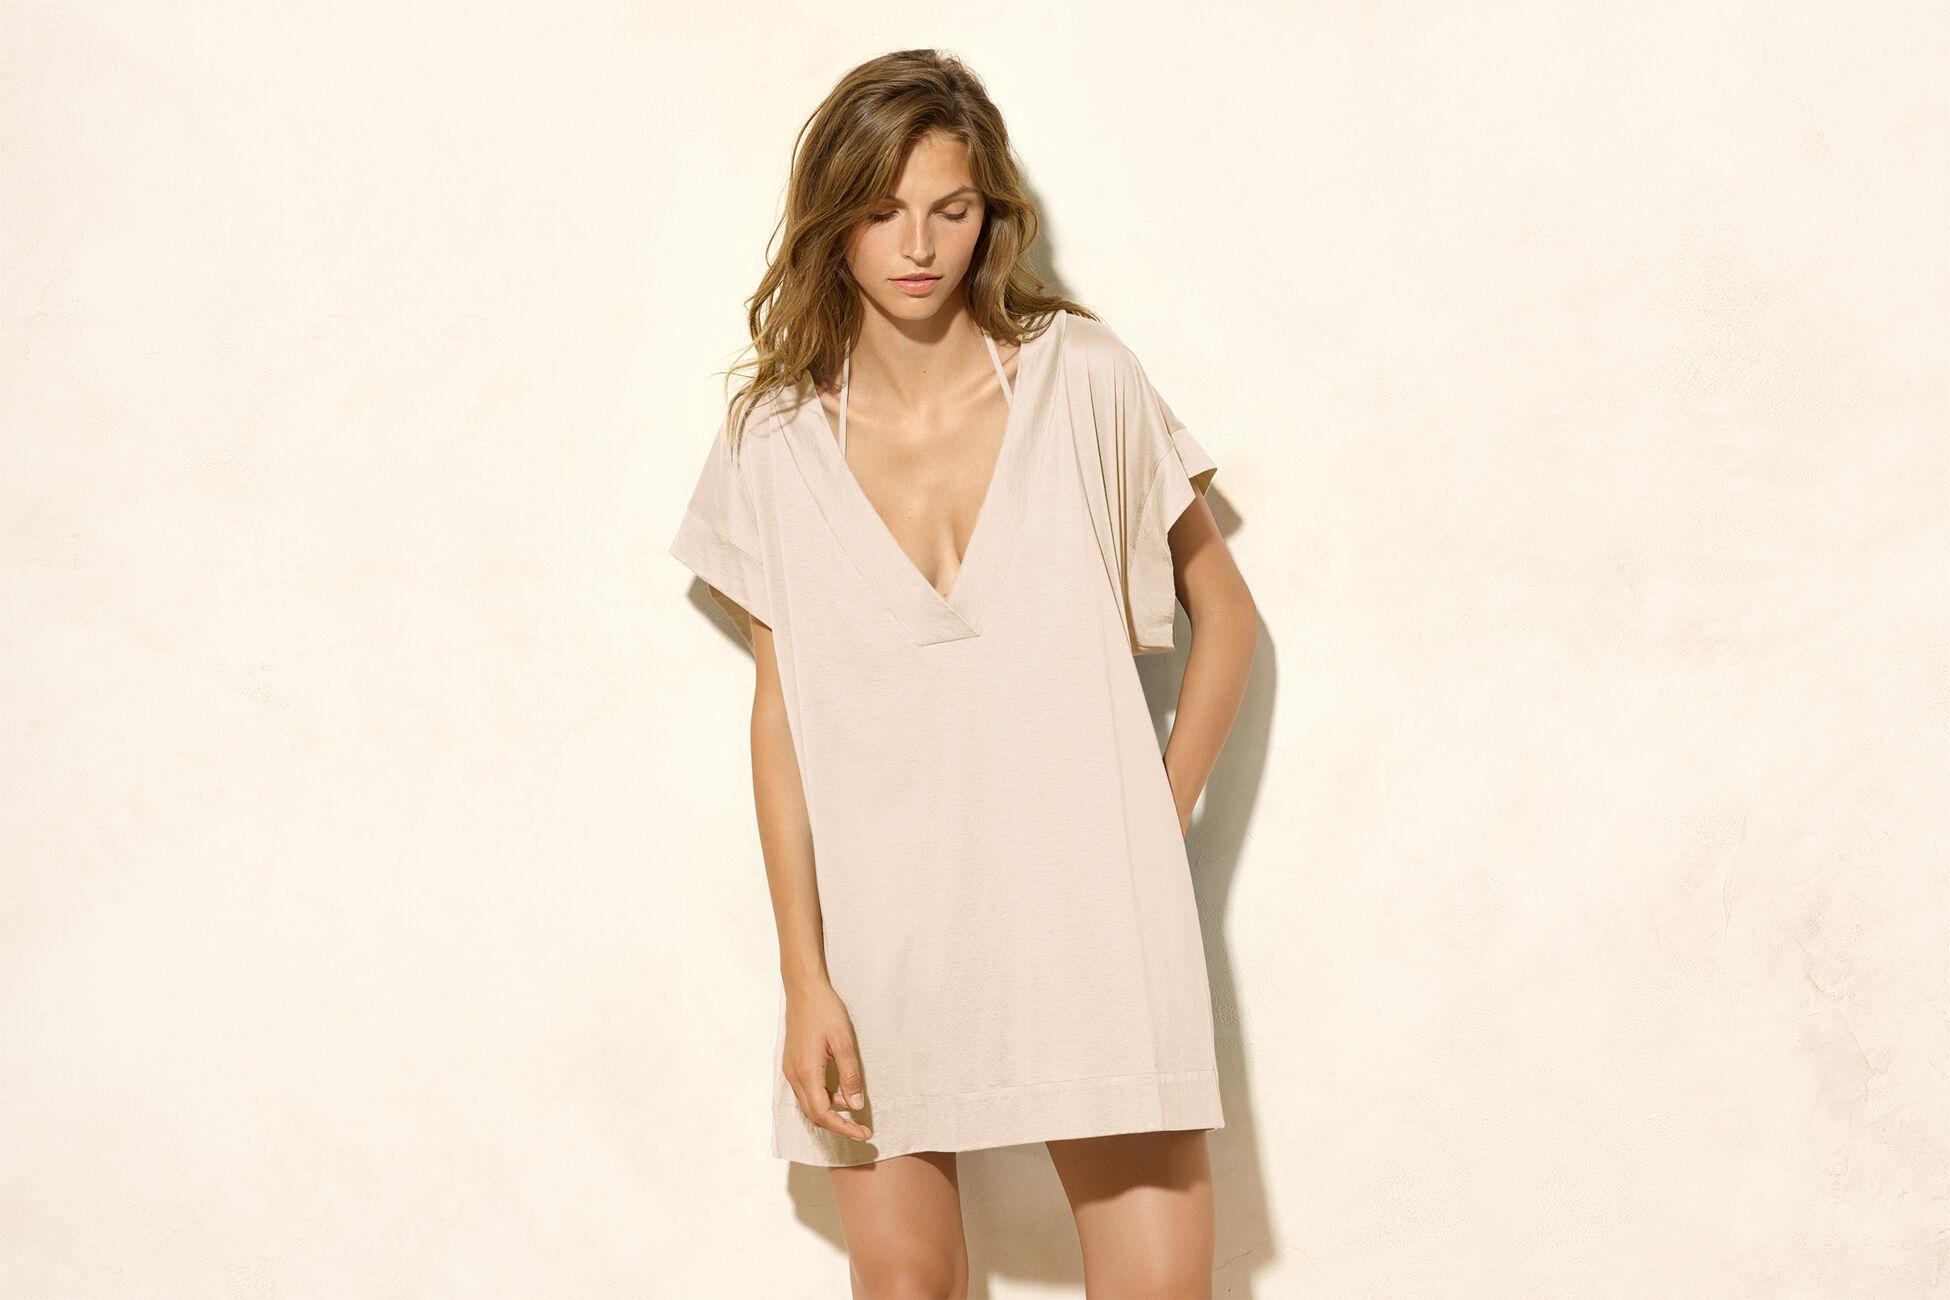 Renée T-shirt standard view �